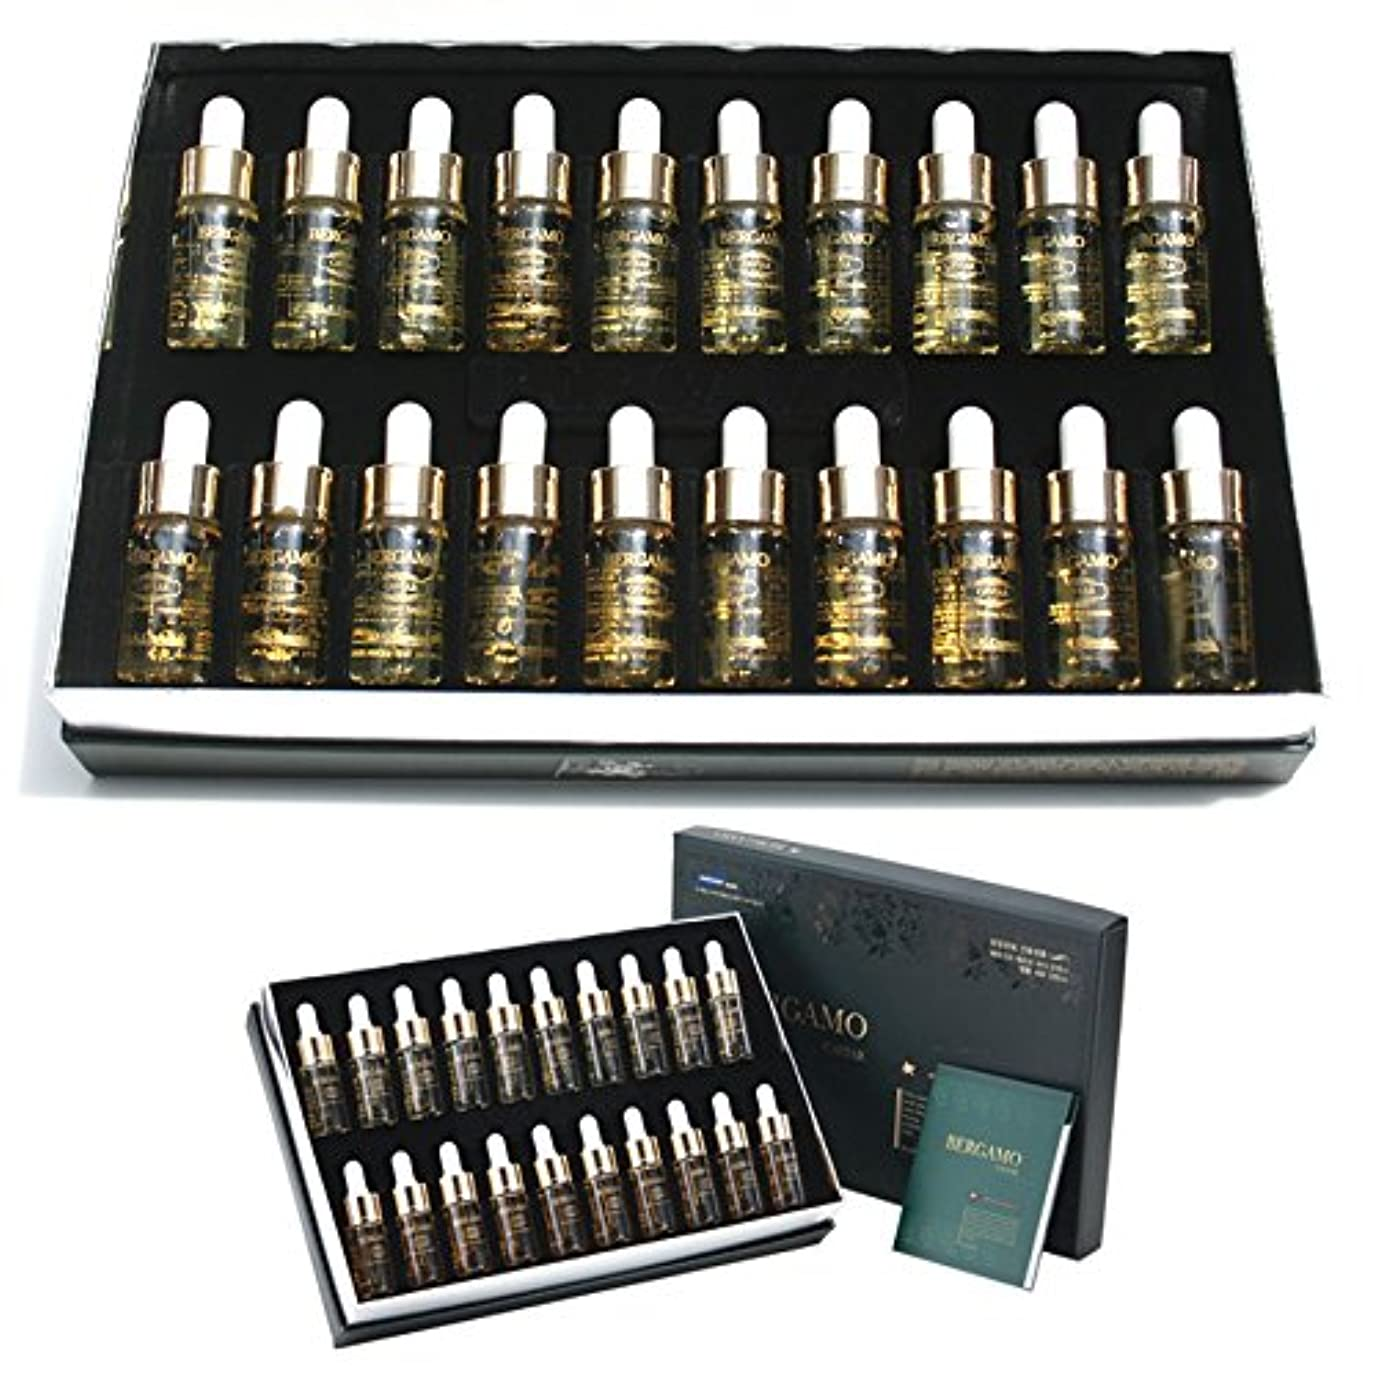 事翻訳ビルマ[ベルガモ]Bergamo/キャビア高効力のビタミンアンプルセット13ml * 20ea/Caviar High Potency Vitamin Ampoule Set 13ml * 20ea/韓国化粧品/Korean Cosmetics [並行輸入品]